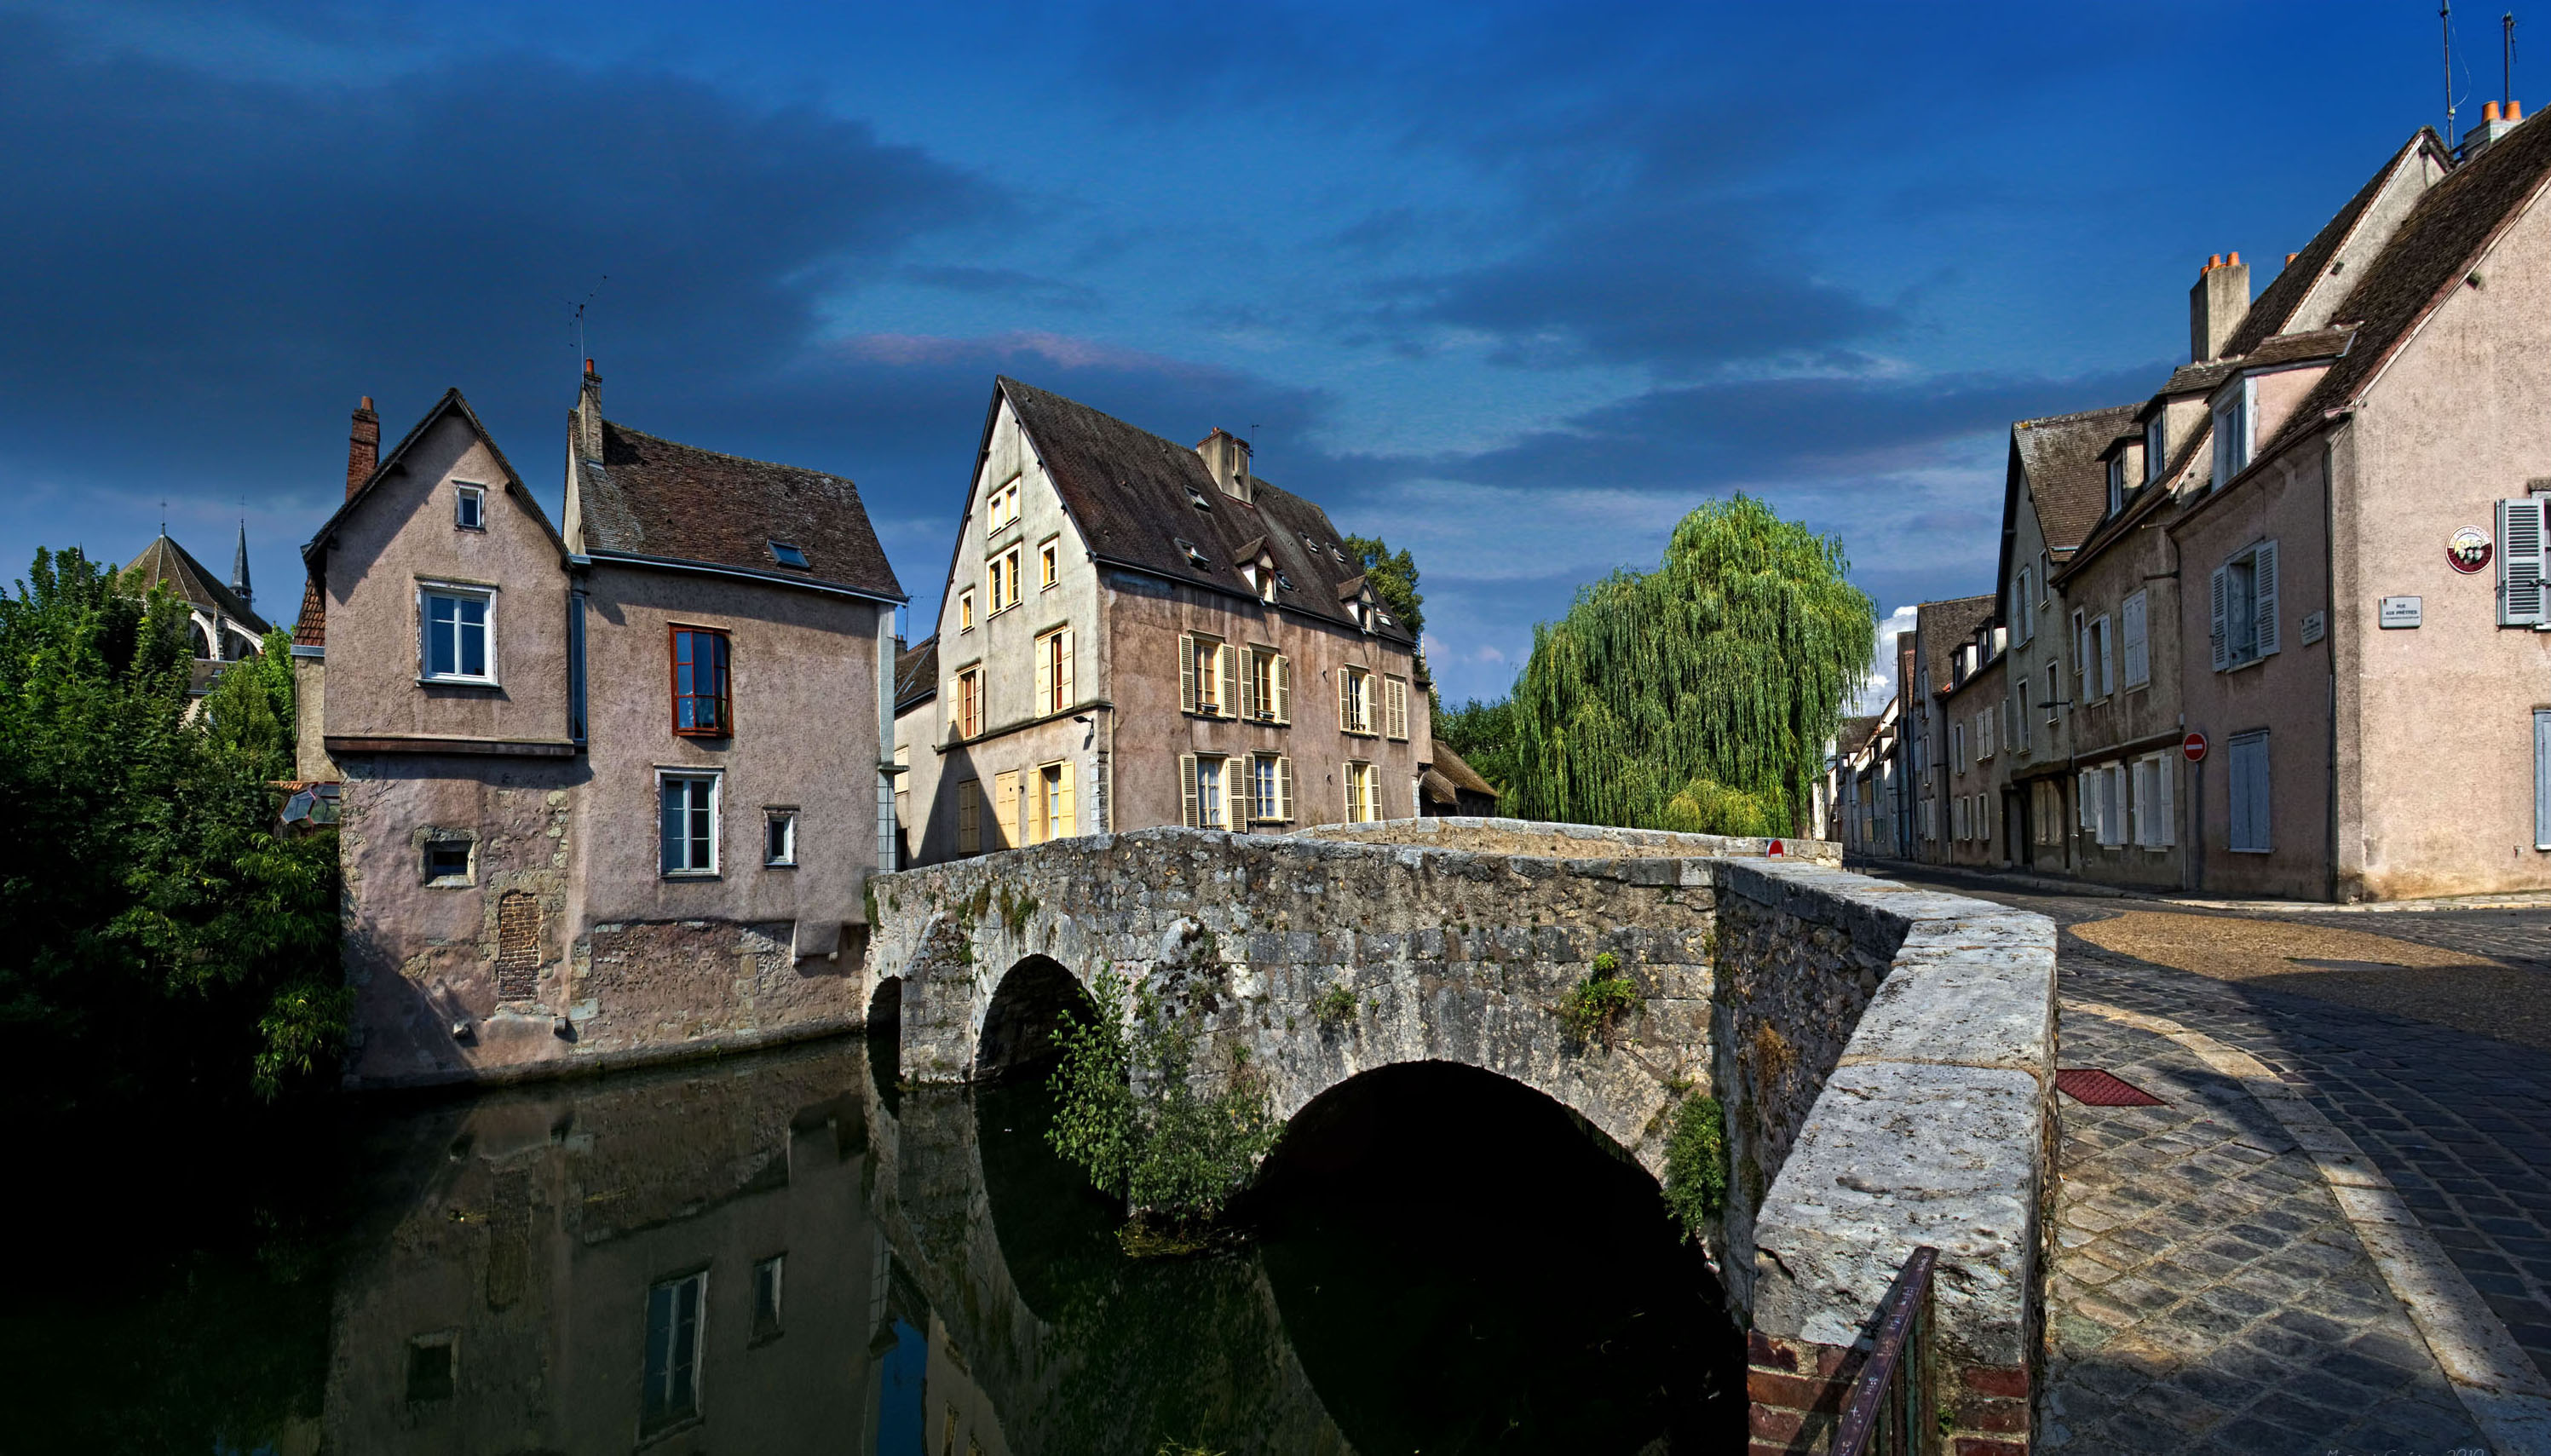 Pont St Hilaire